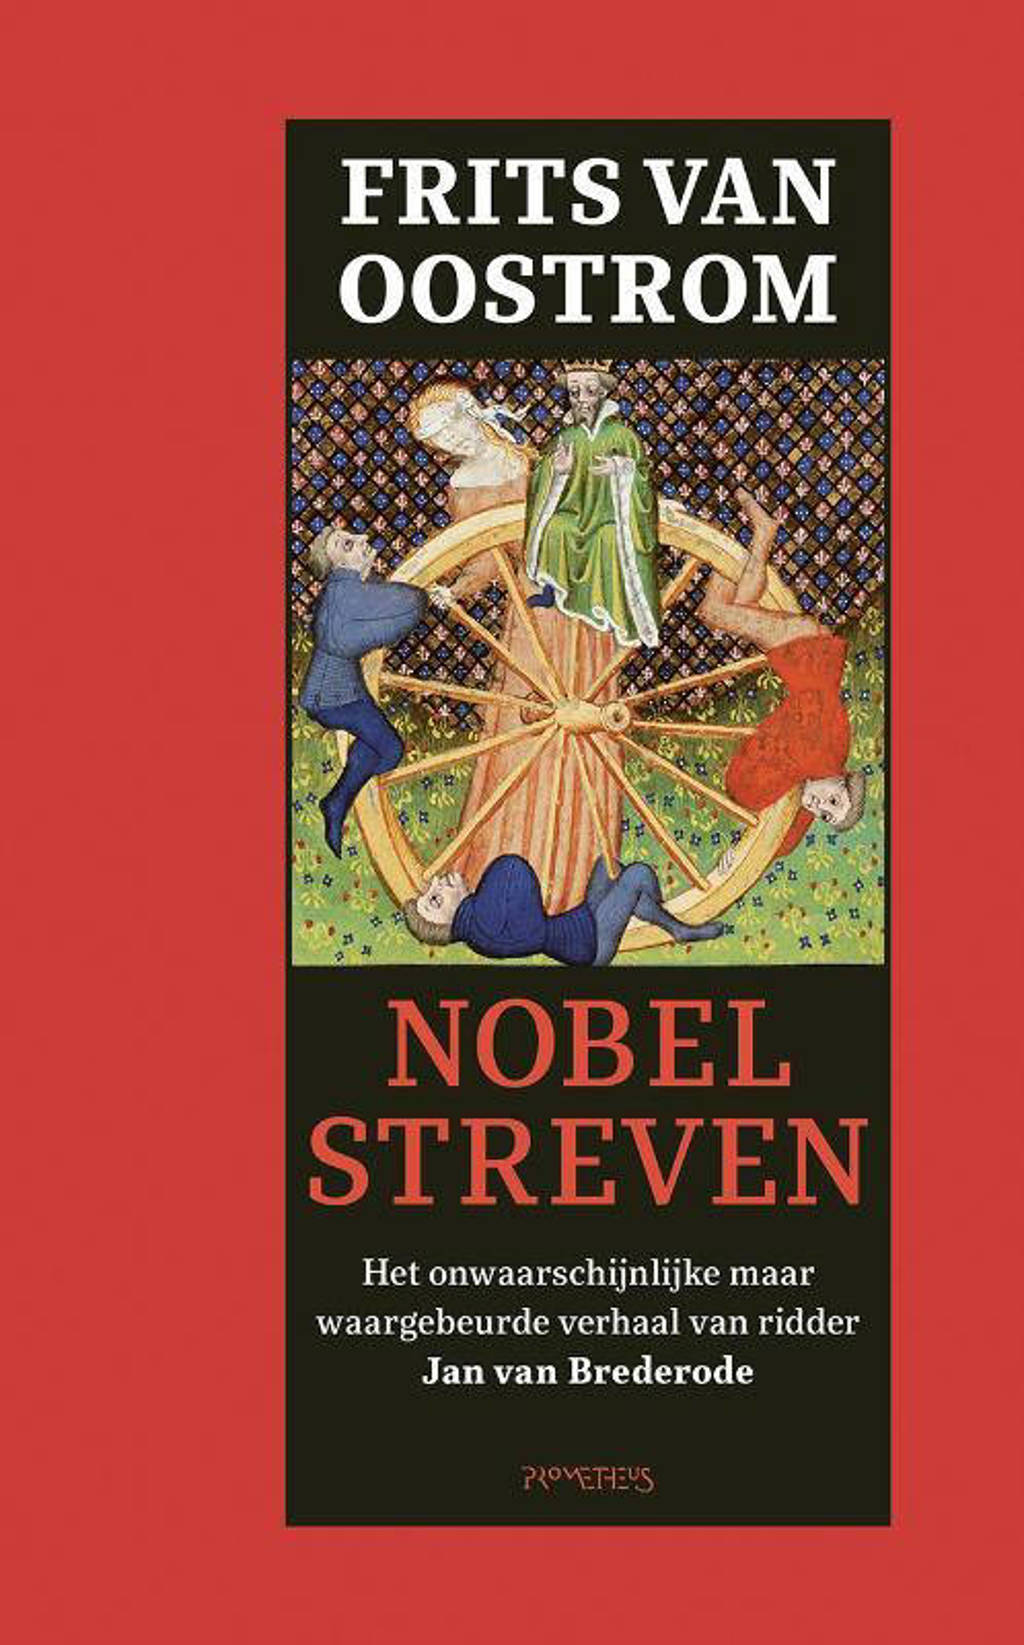 Nobel streven - Frits van Oostrom